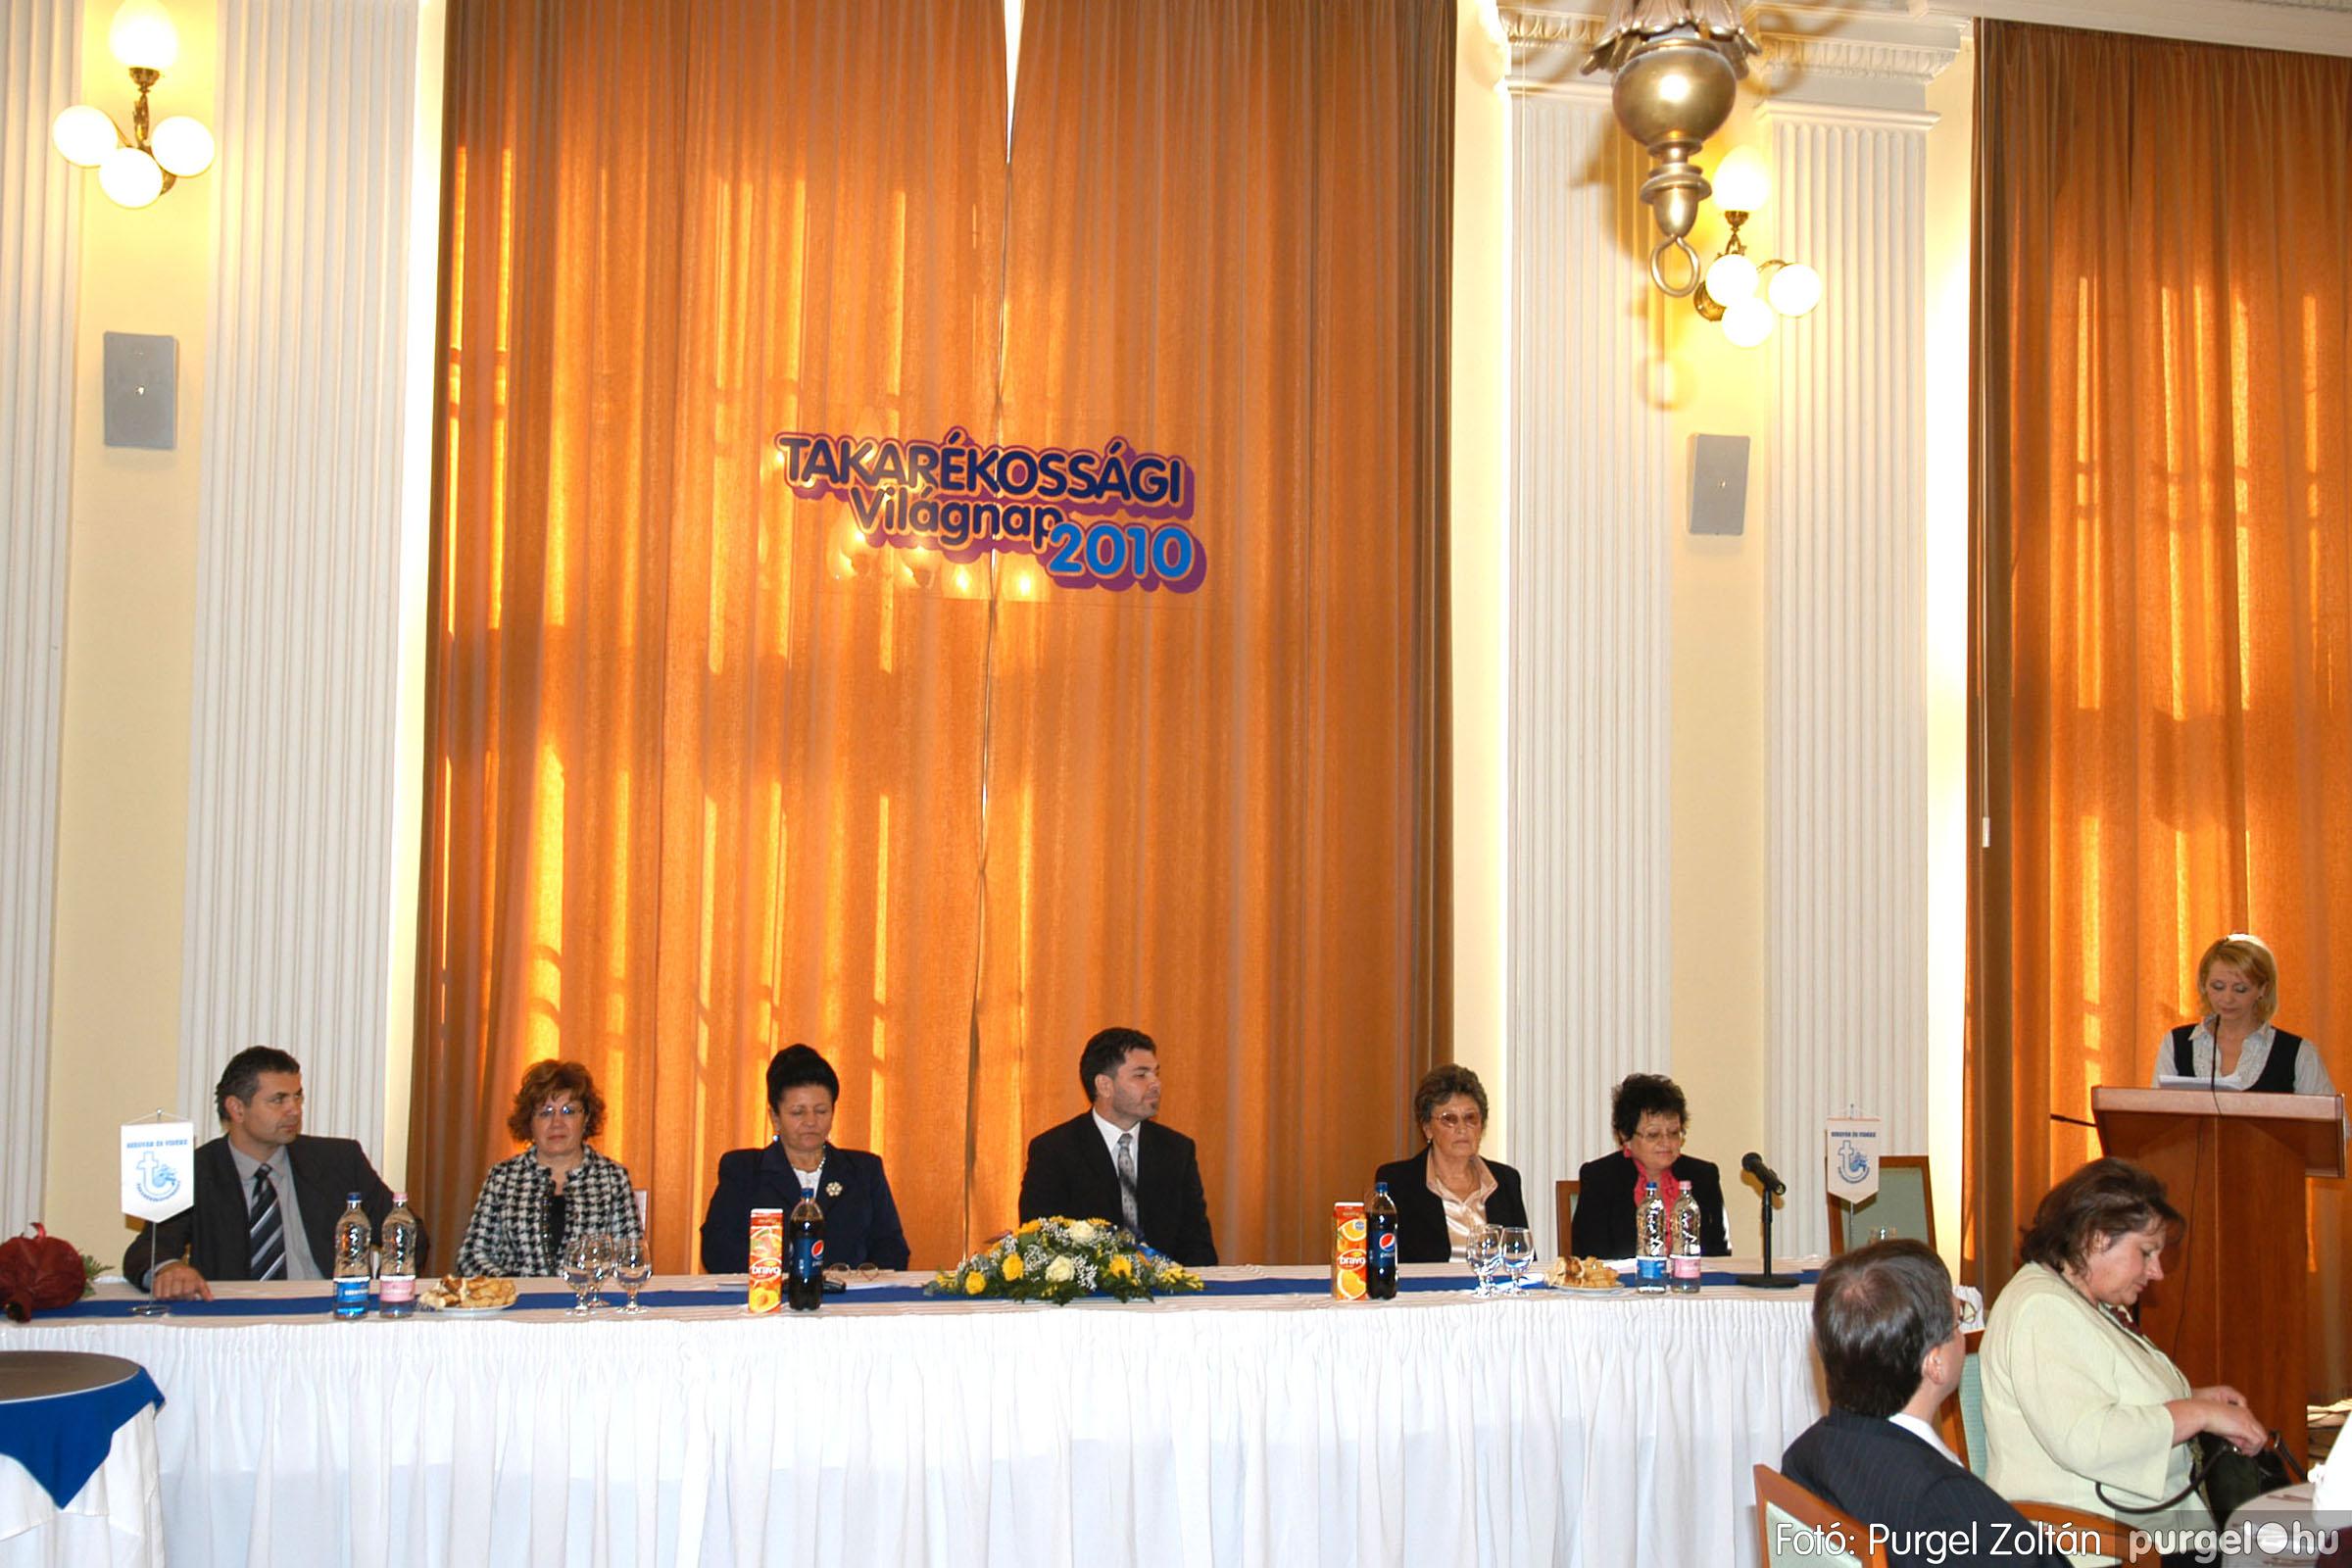 2010.10.28. 011 Szegvár és Vidéke Takarékszövetkezet takarékossági világnap rendezvény - Fotó:P. Z..jpg